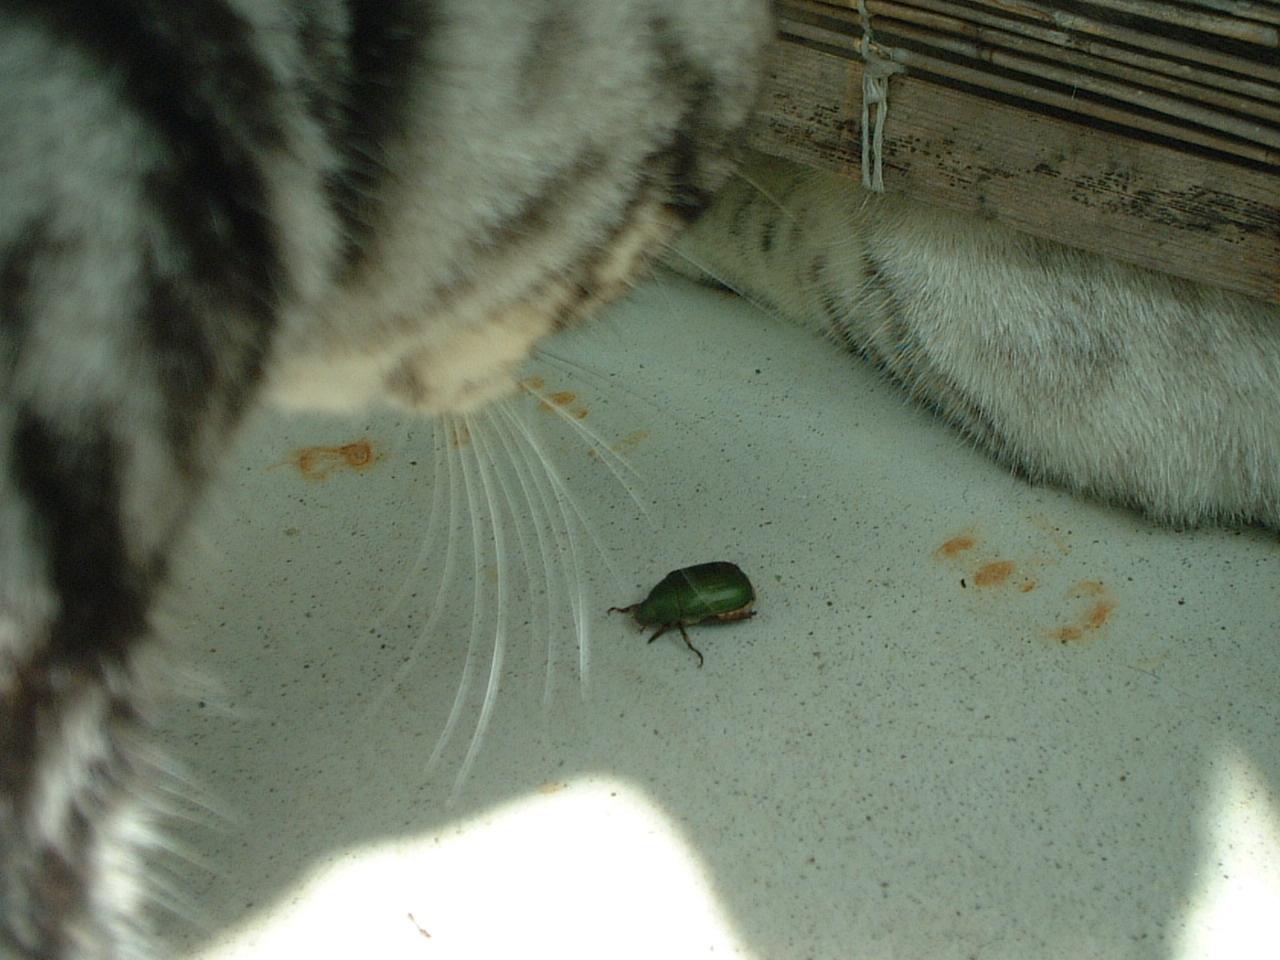 コガネムシと仲良し